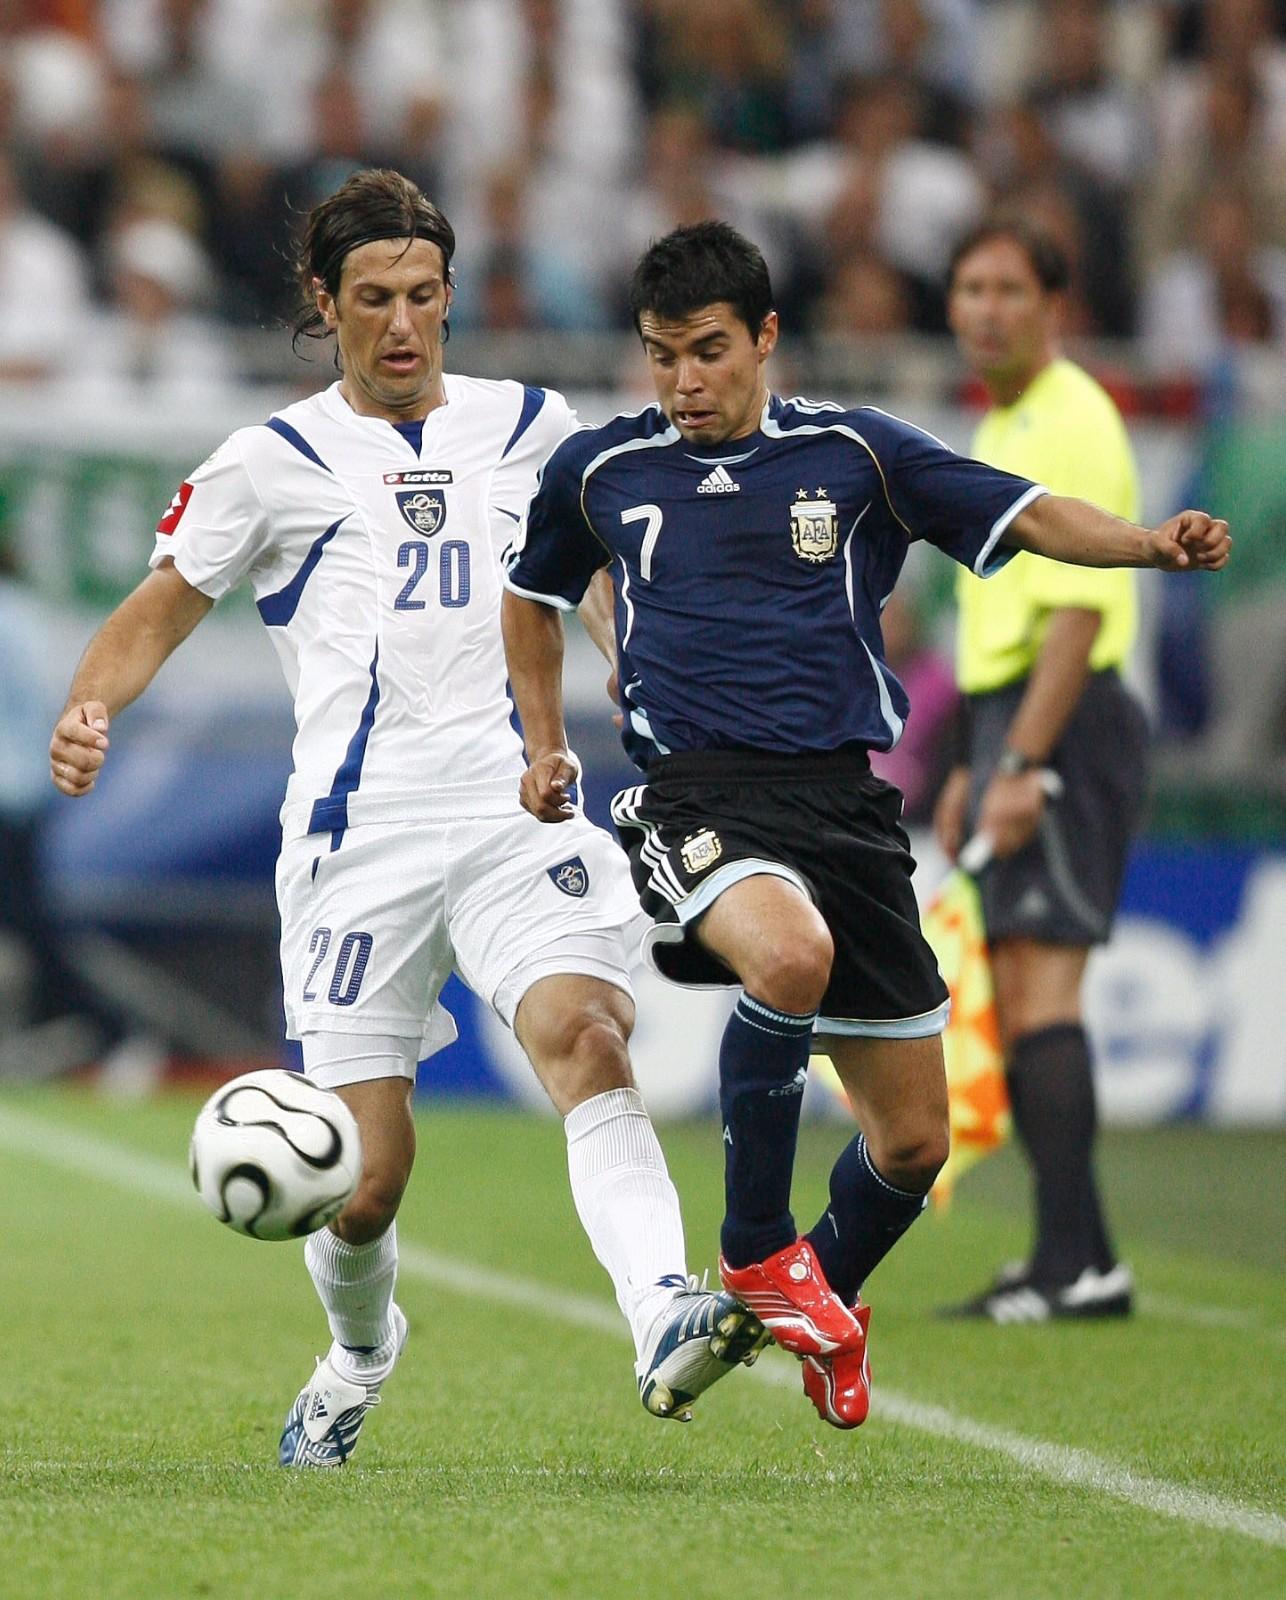 图为2006年6月16日,在盖尔森基兴举行的德国世界杯C组第二轮比赛中,塞黑队球员克尔斯塔季奇(左)与阿根廷队球员萨维奥拉(右)拼抢。